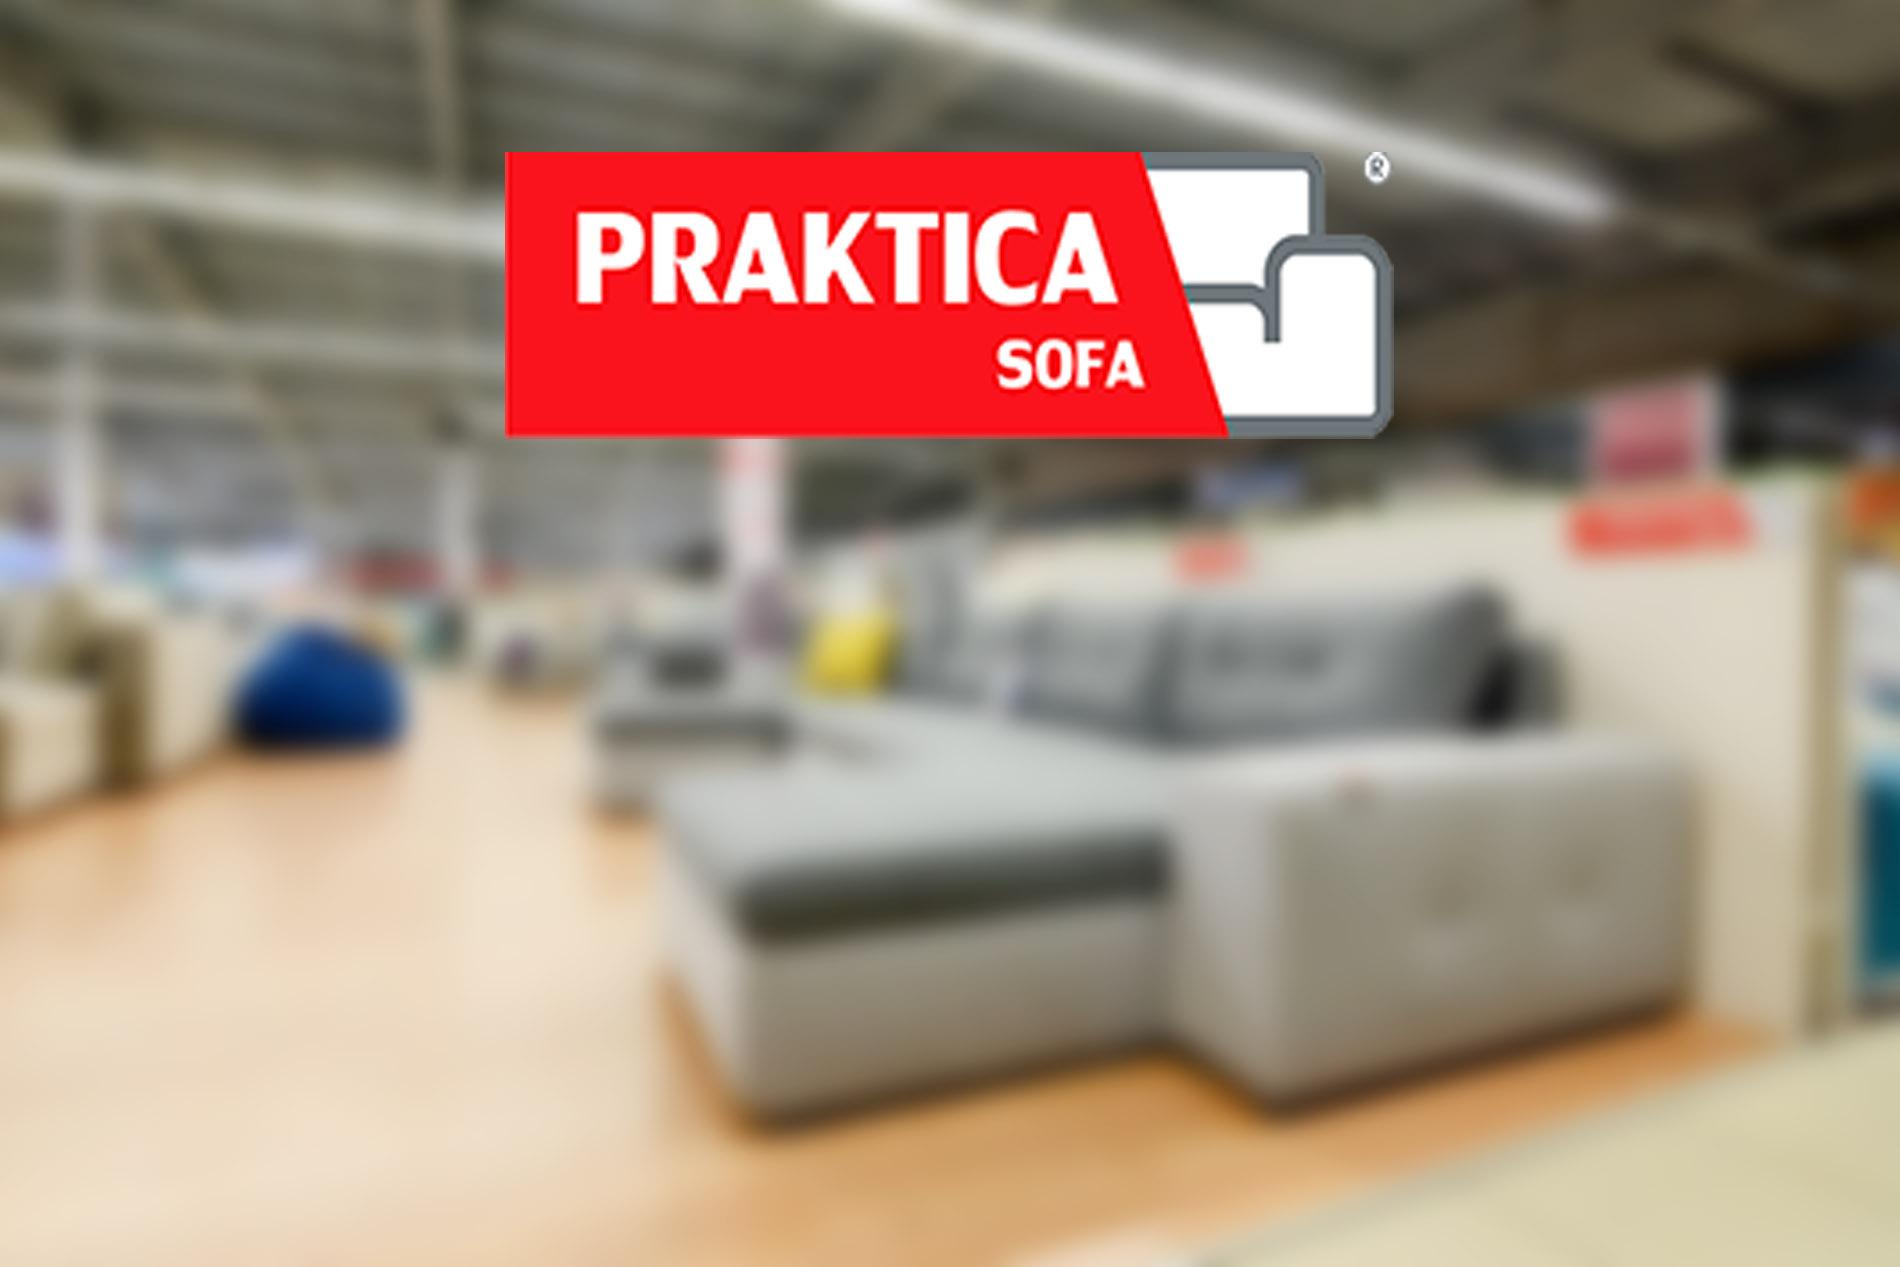 Praktica Sofa